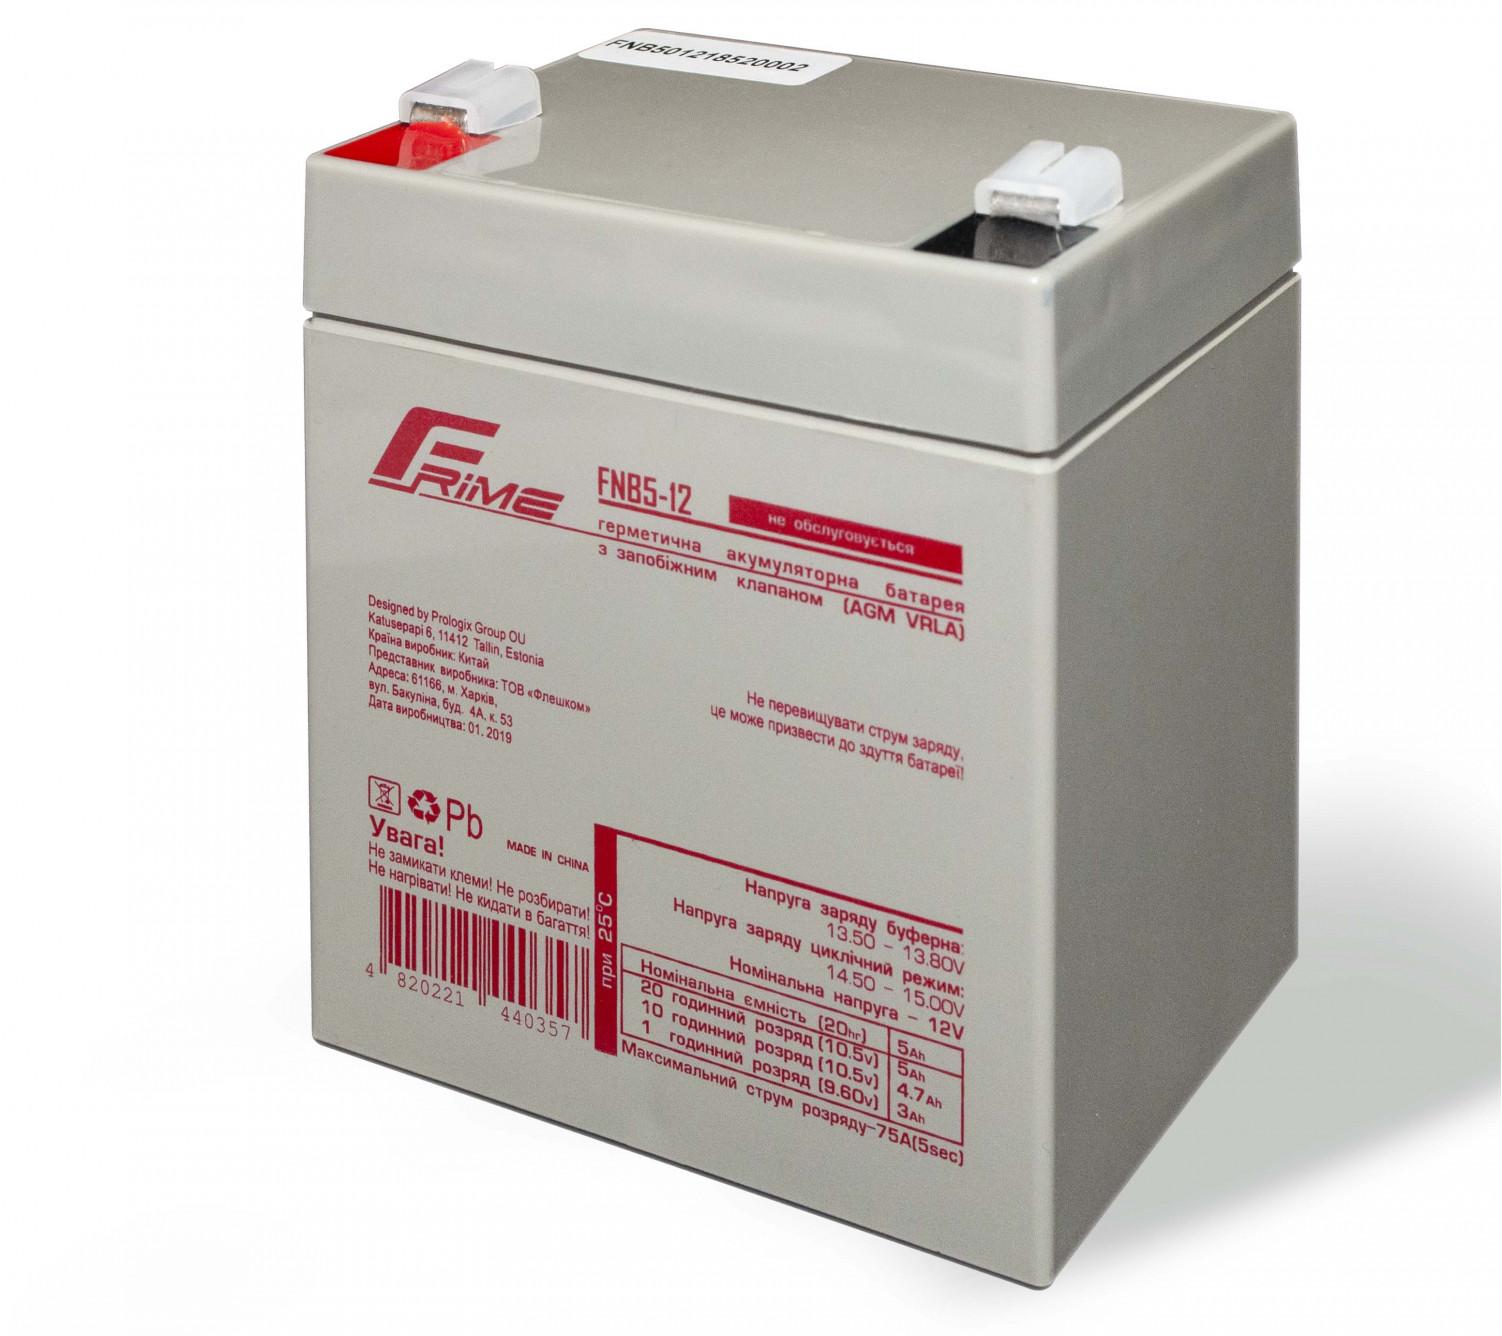 Аккумуляторная батарея Frime 12V 5AH (FNB5-12) AGM